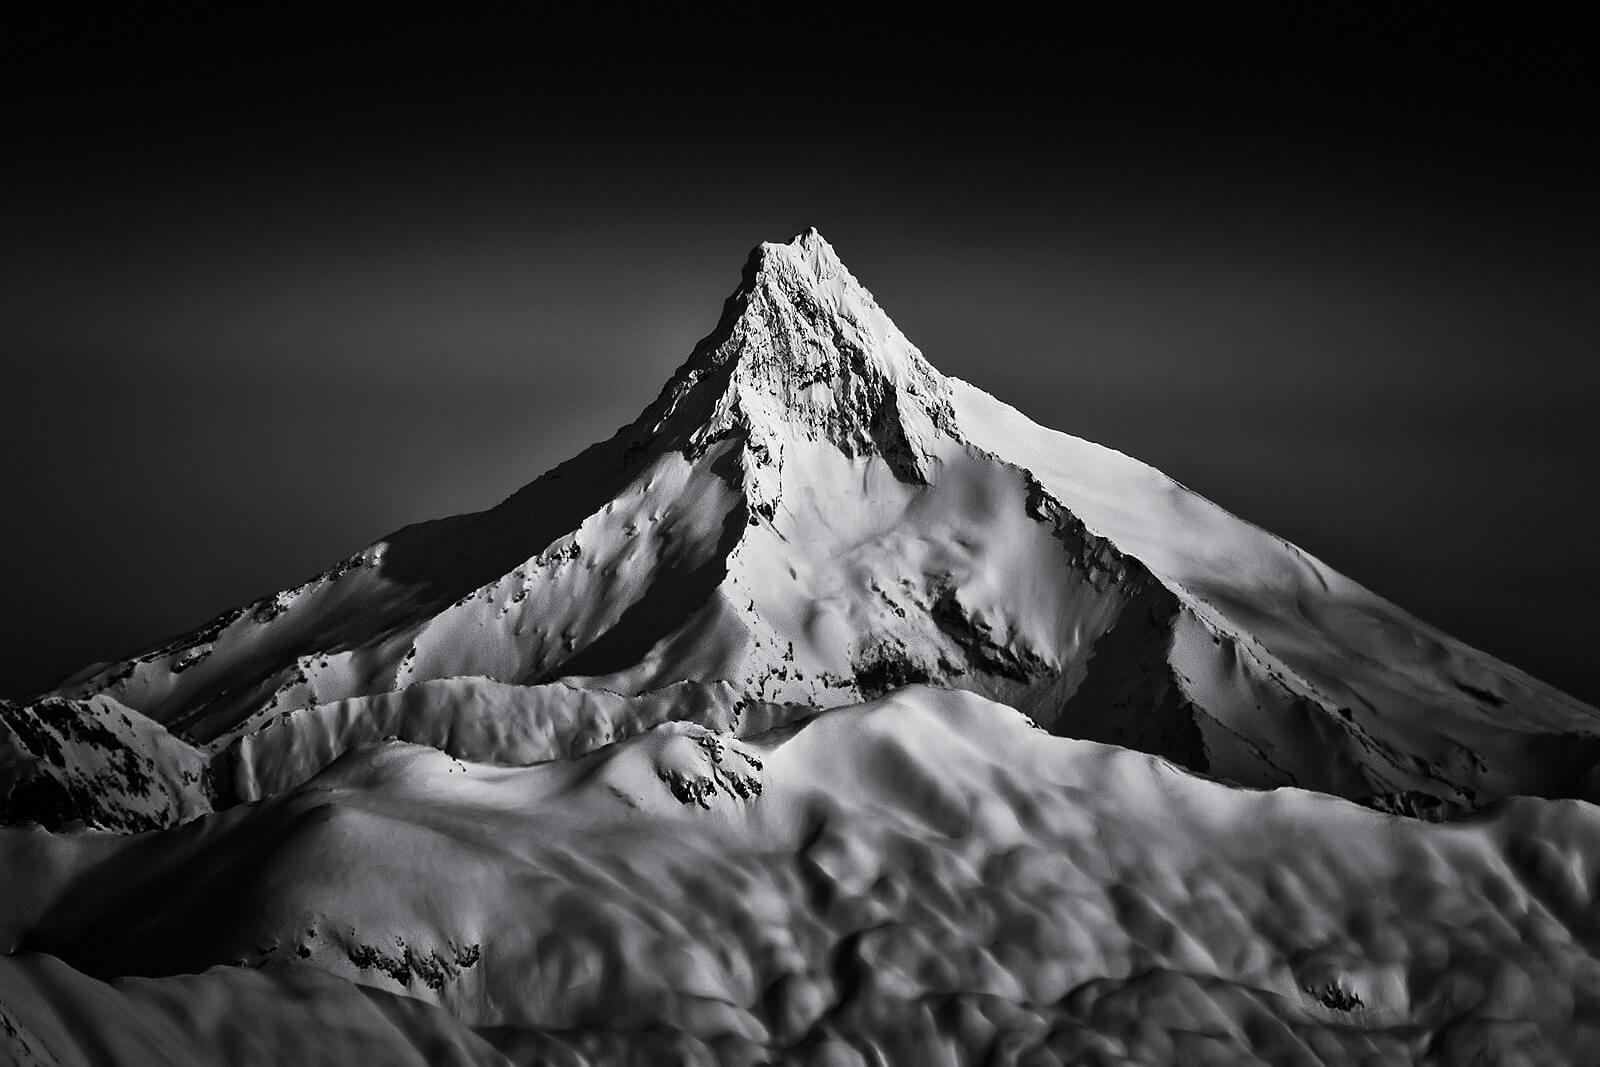 landscape_patagonia_byrohrbacher15_110